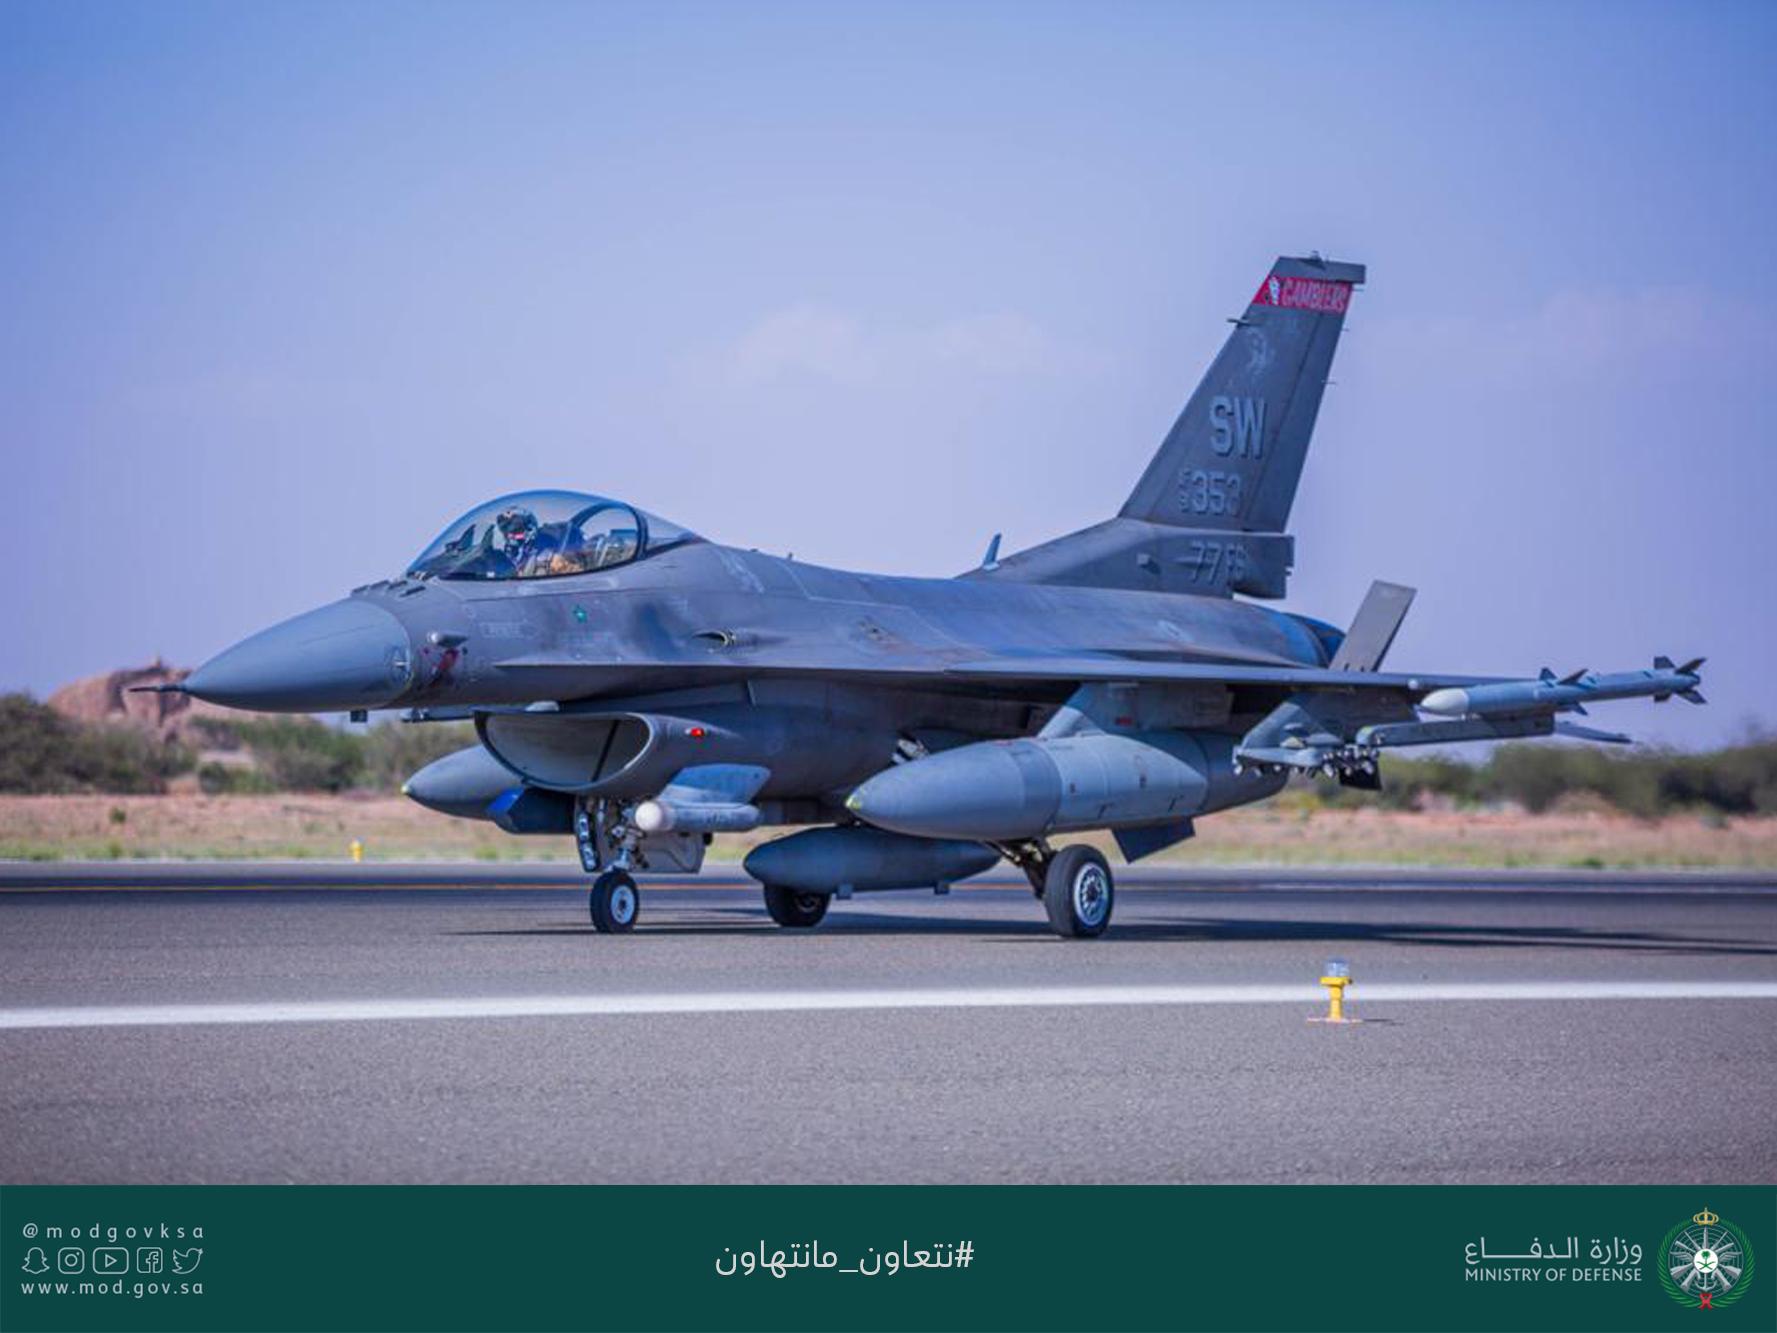 صورة تنين عسكري أمريكي- سعودي مشترك- فيديو وصور